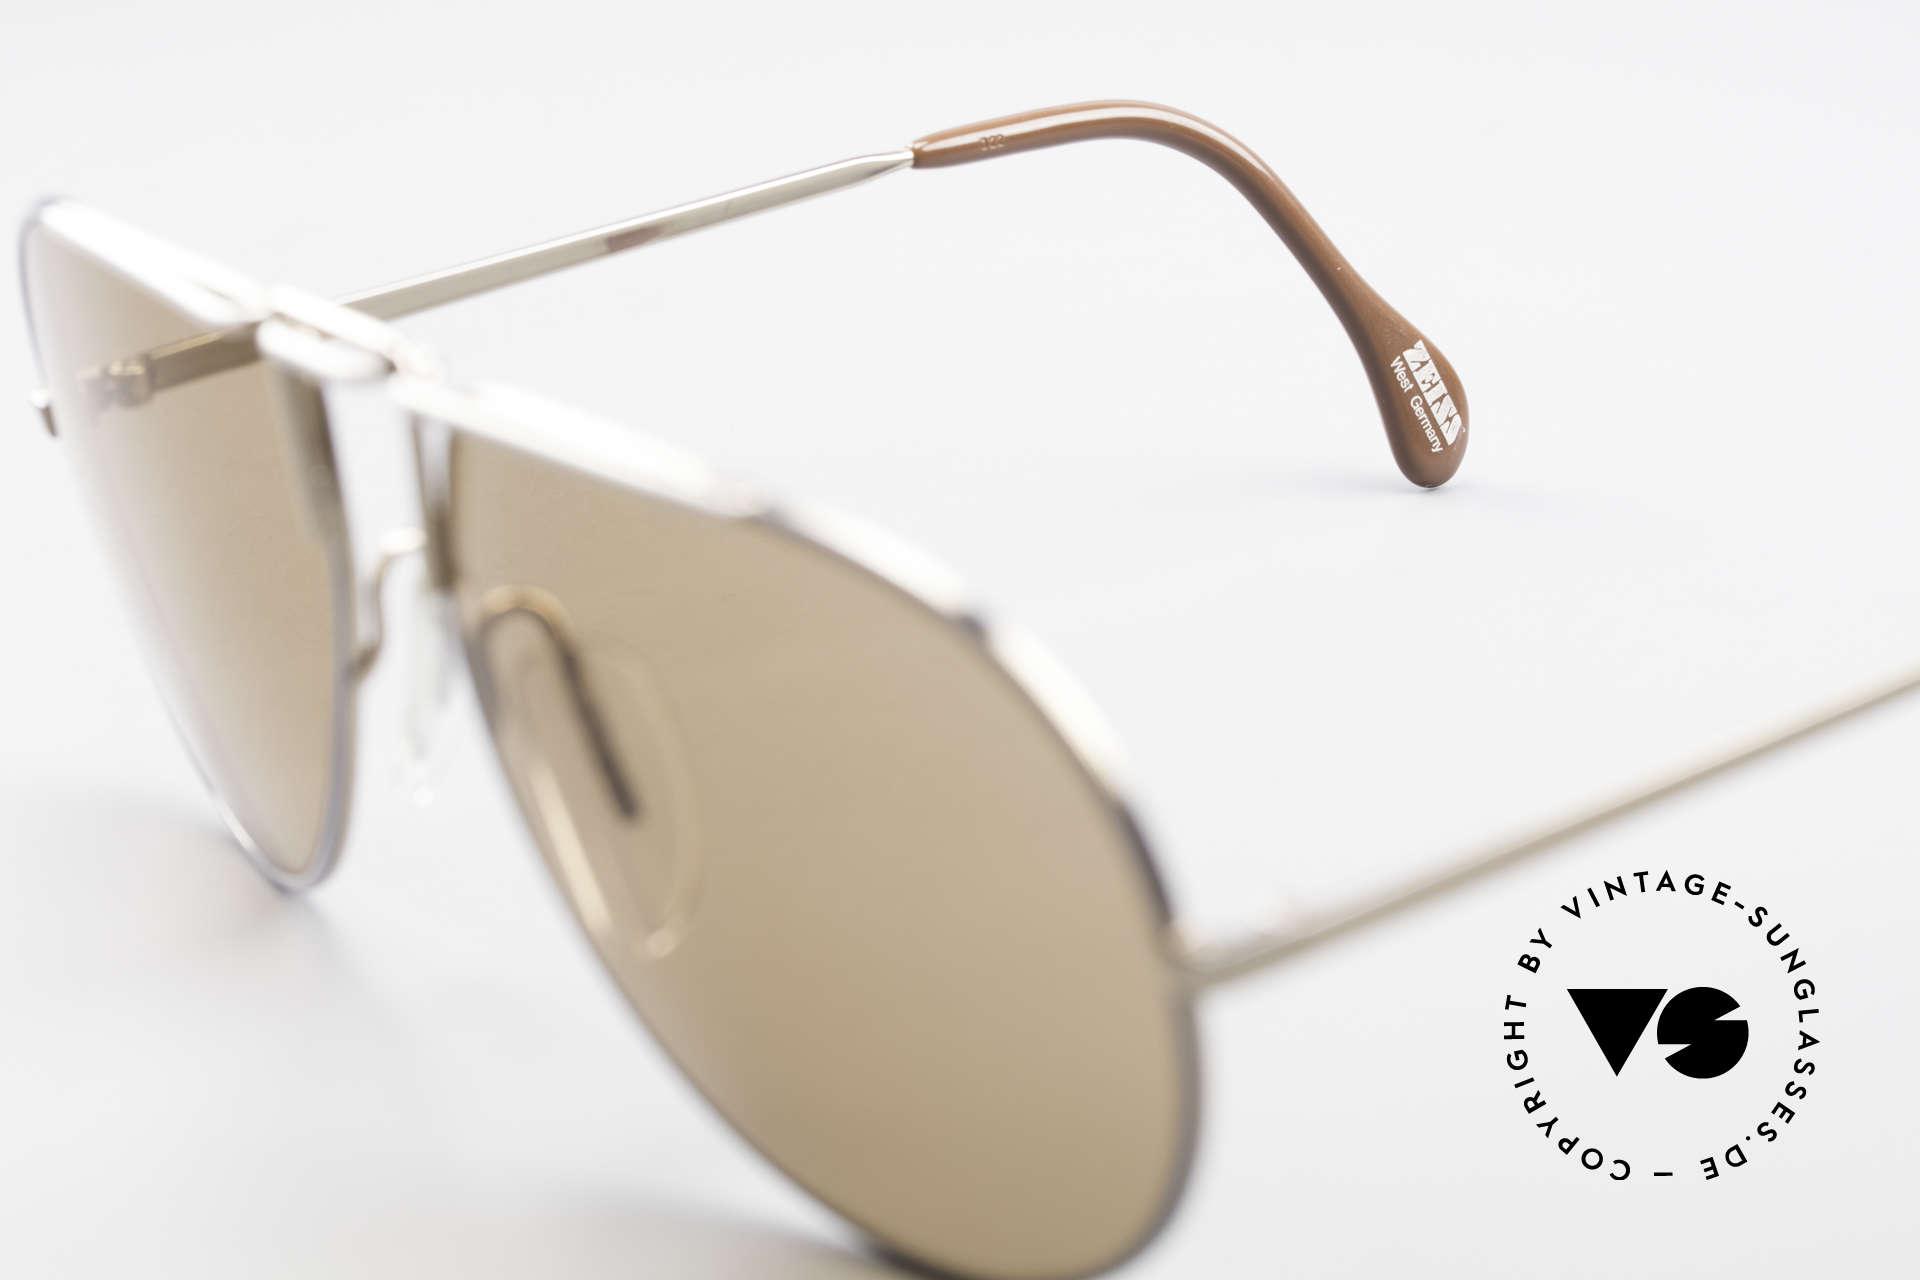 Zeiss 9357 Rare Aviator Sunglasses 80's, NO RETRO shades, but a rare old 80's Original!, Made for Men and Women